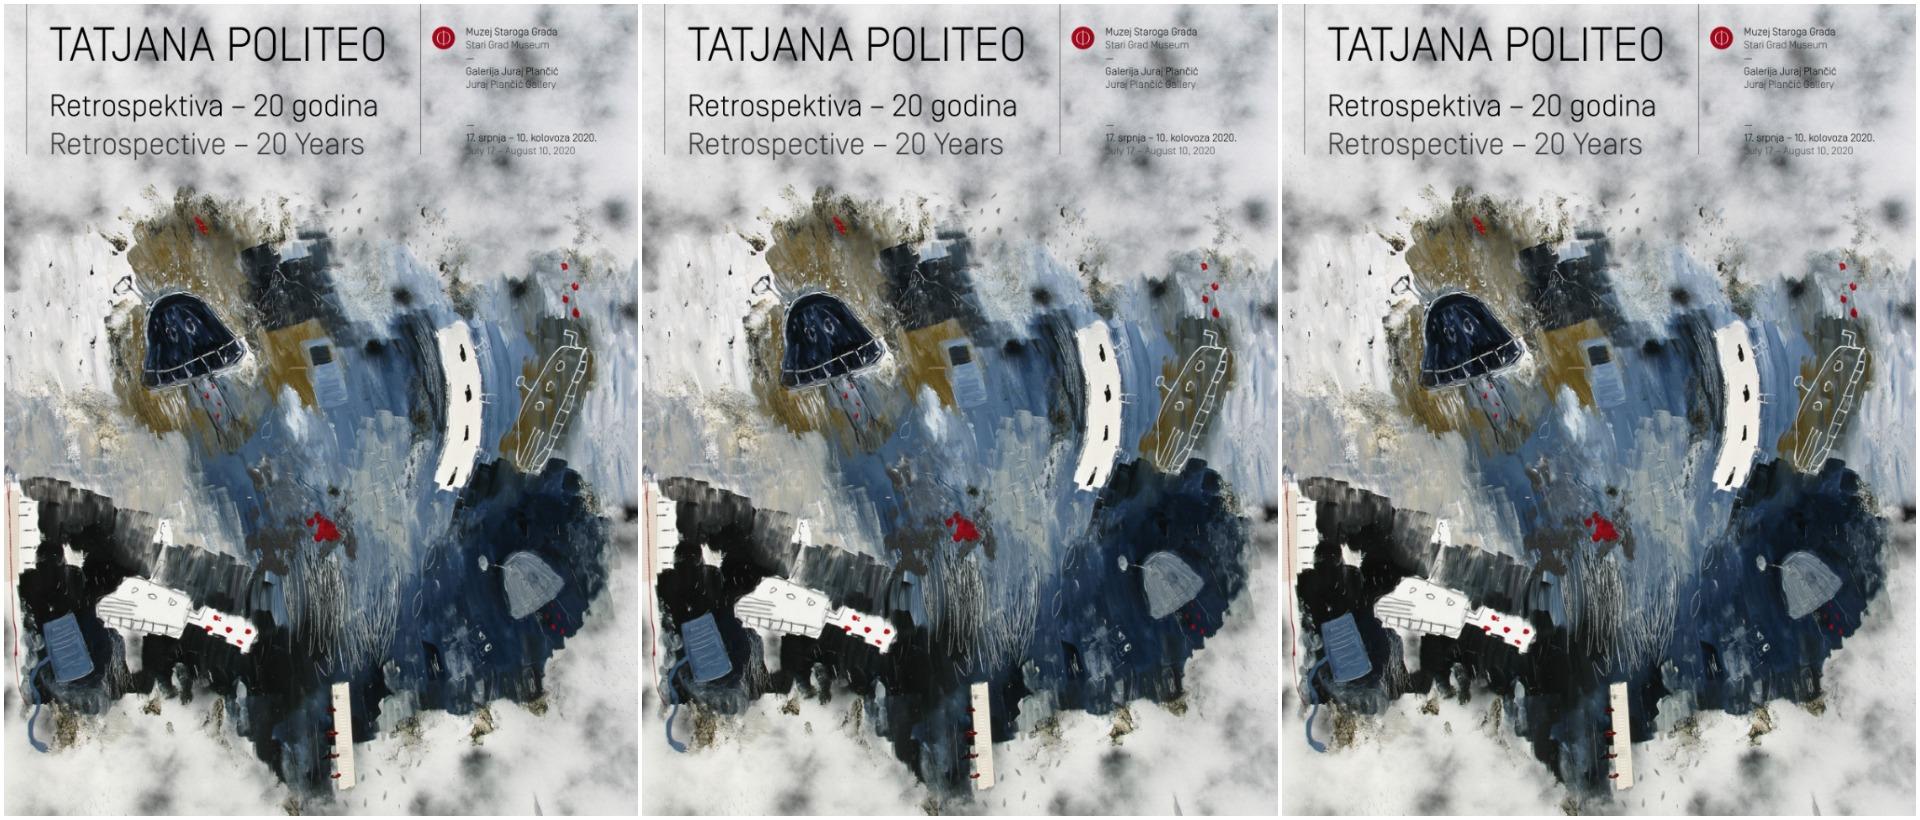 Tatjana Politeo cover